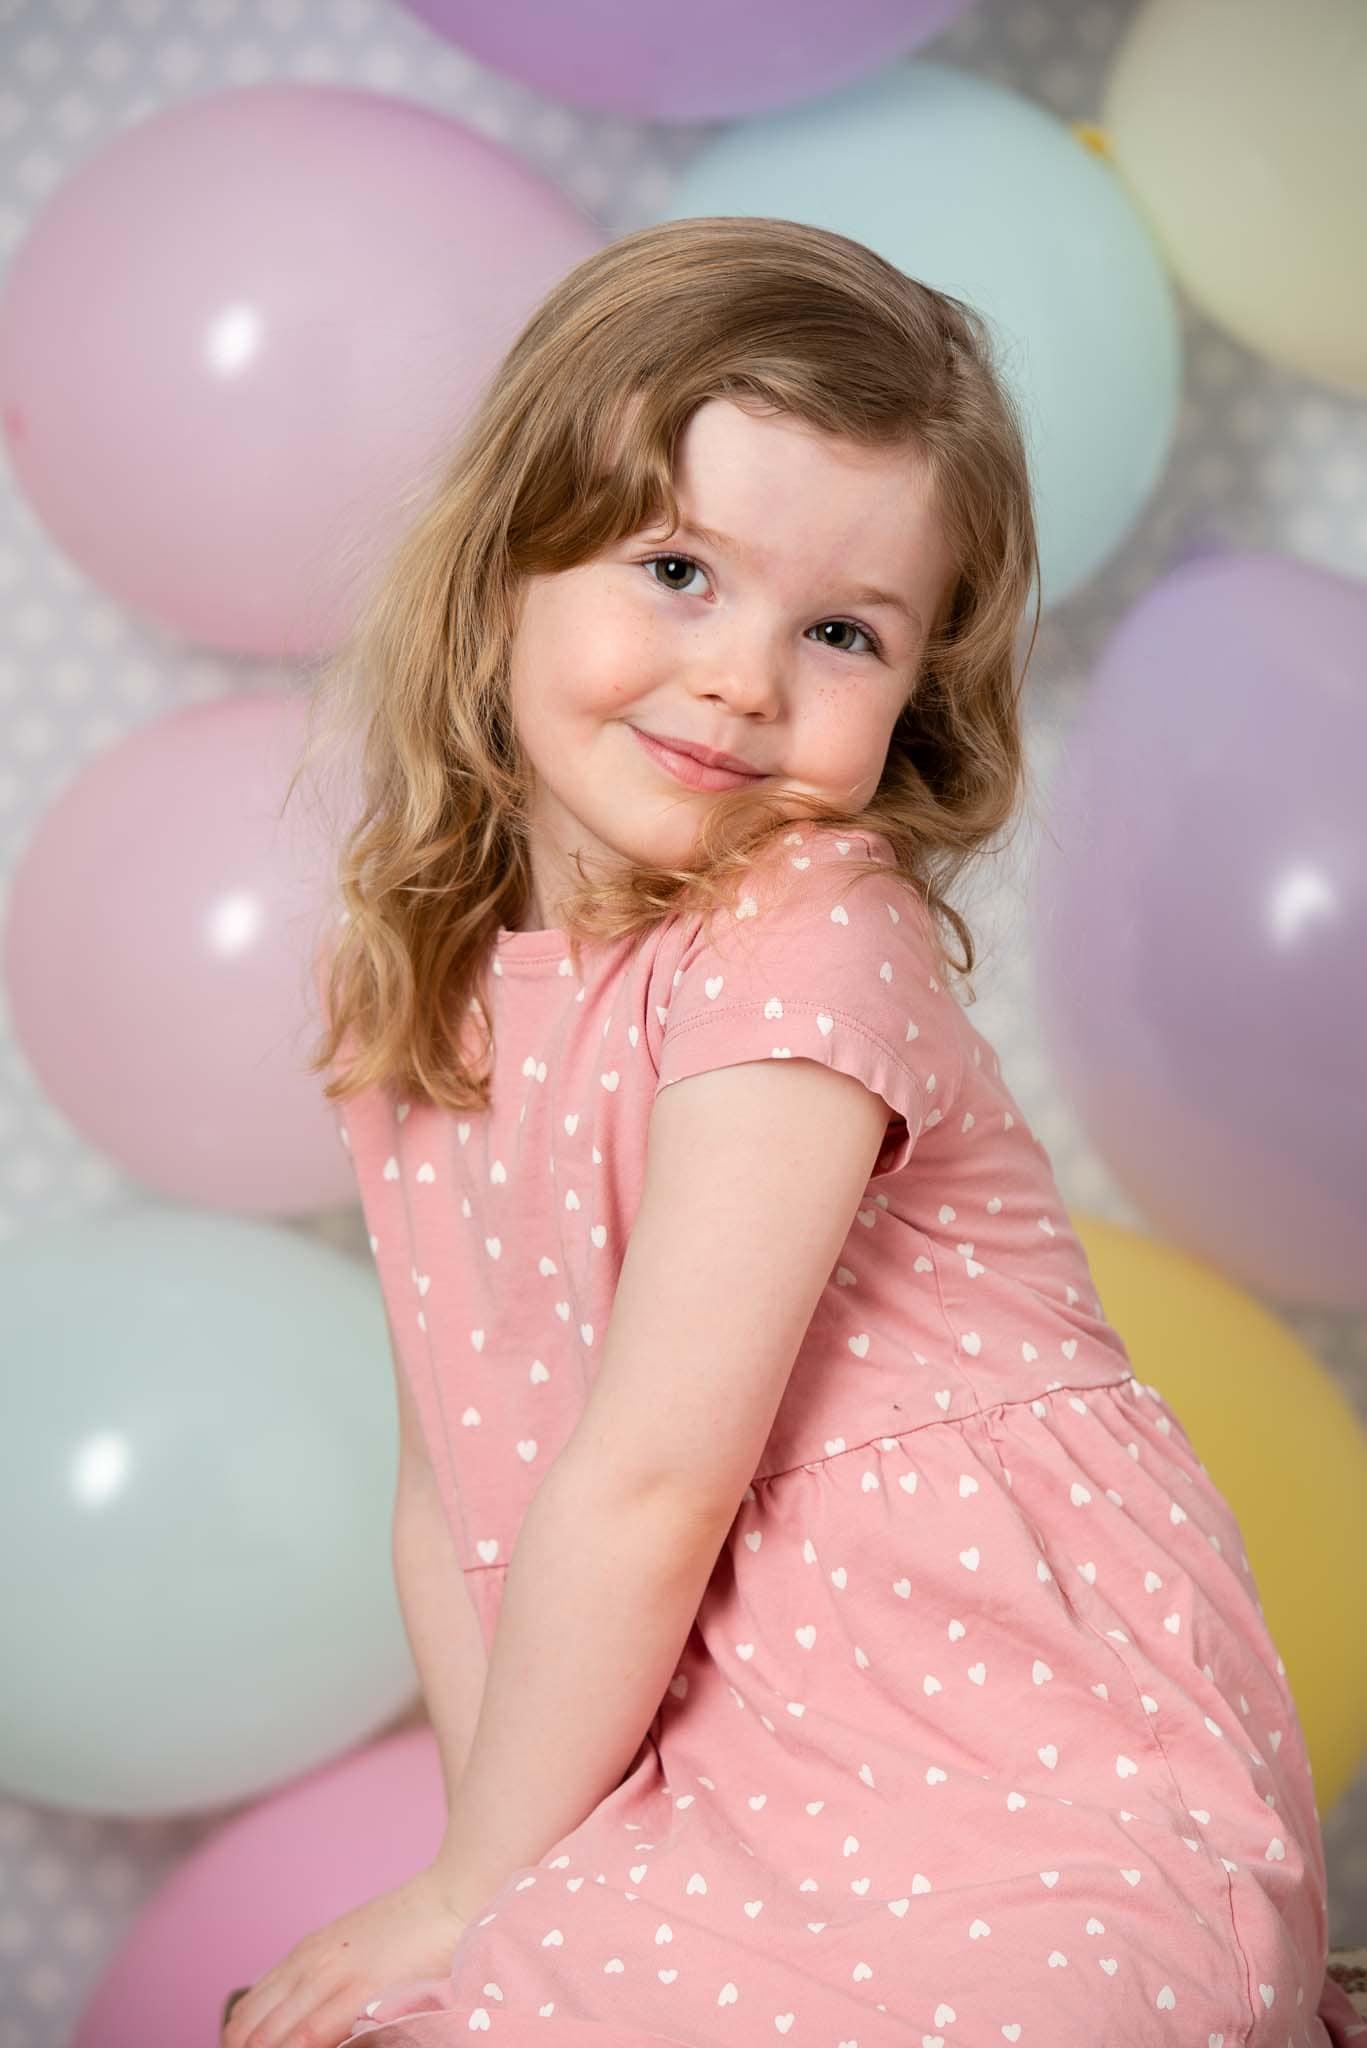 Studiofoto barn 5 år  med ballonger